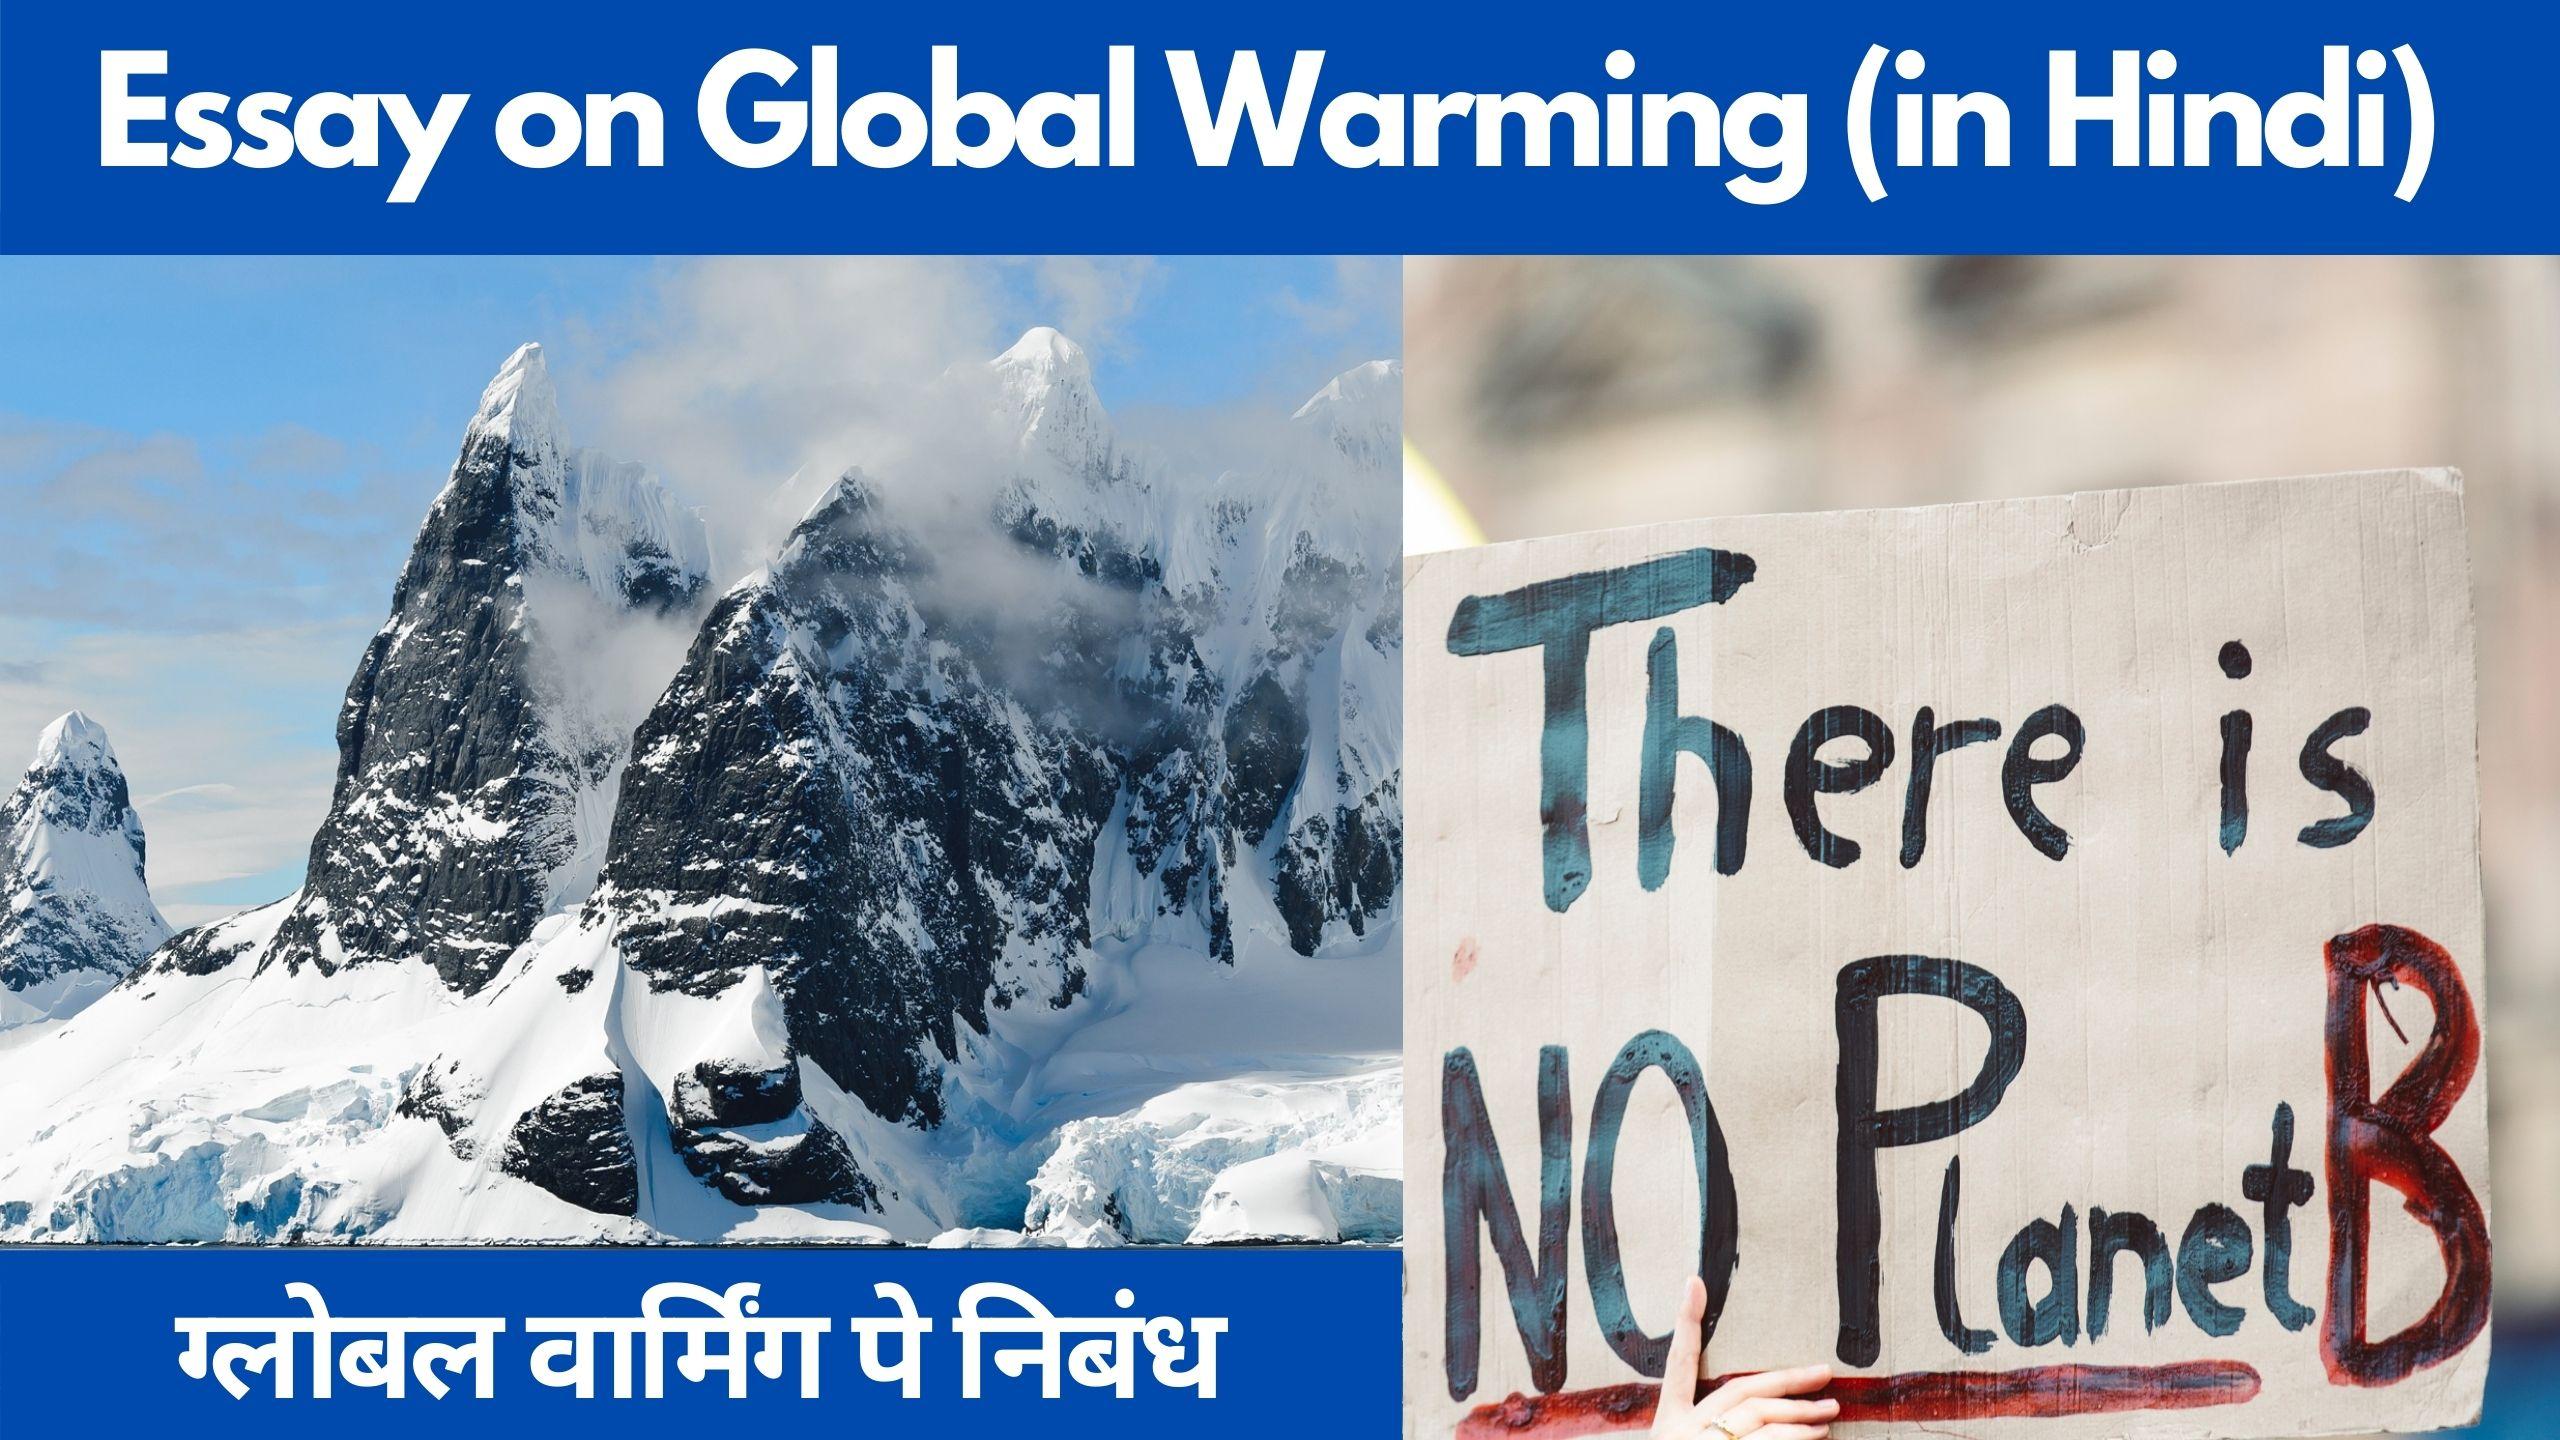 Global warming in hindi - Essay on global warming in hindi